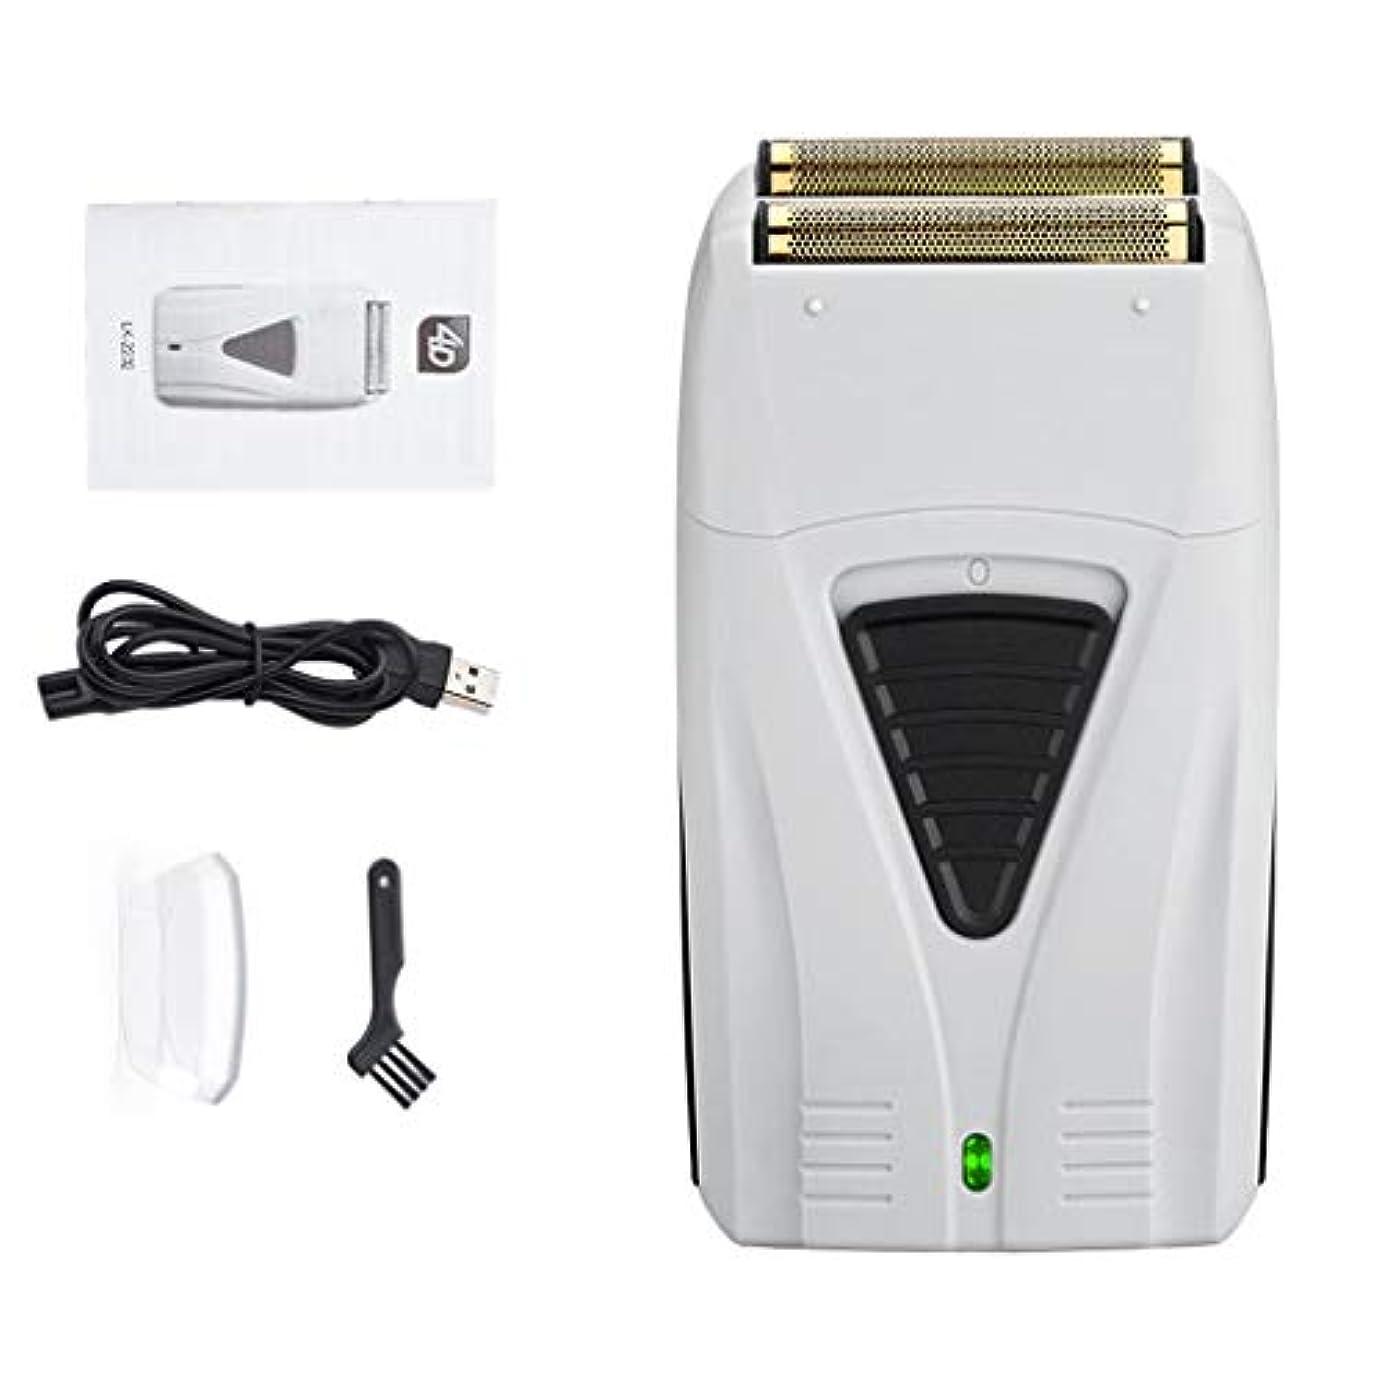 バルーン頭流行しているYHSUNN USB充電式シェーバー強力なデュアルネットワーク電気シェーバーポータブルレシプロカミソリ充電シングルメッシュ電気カミソリ男性用フェイスケア多機能シェービング